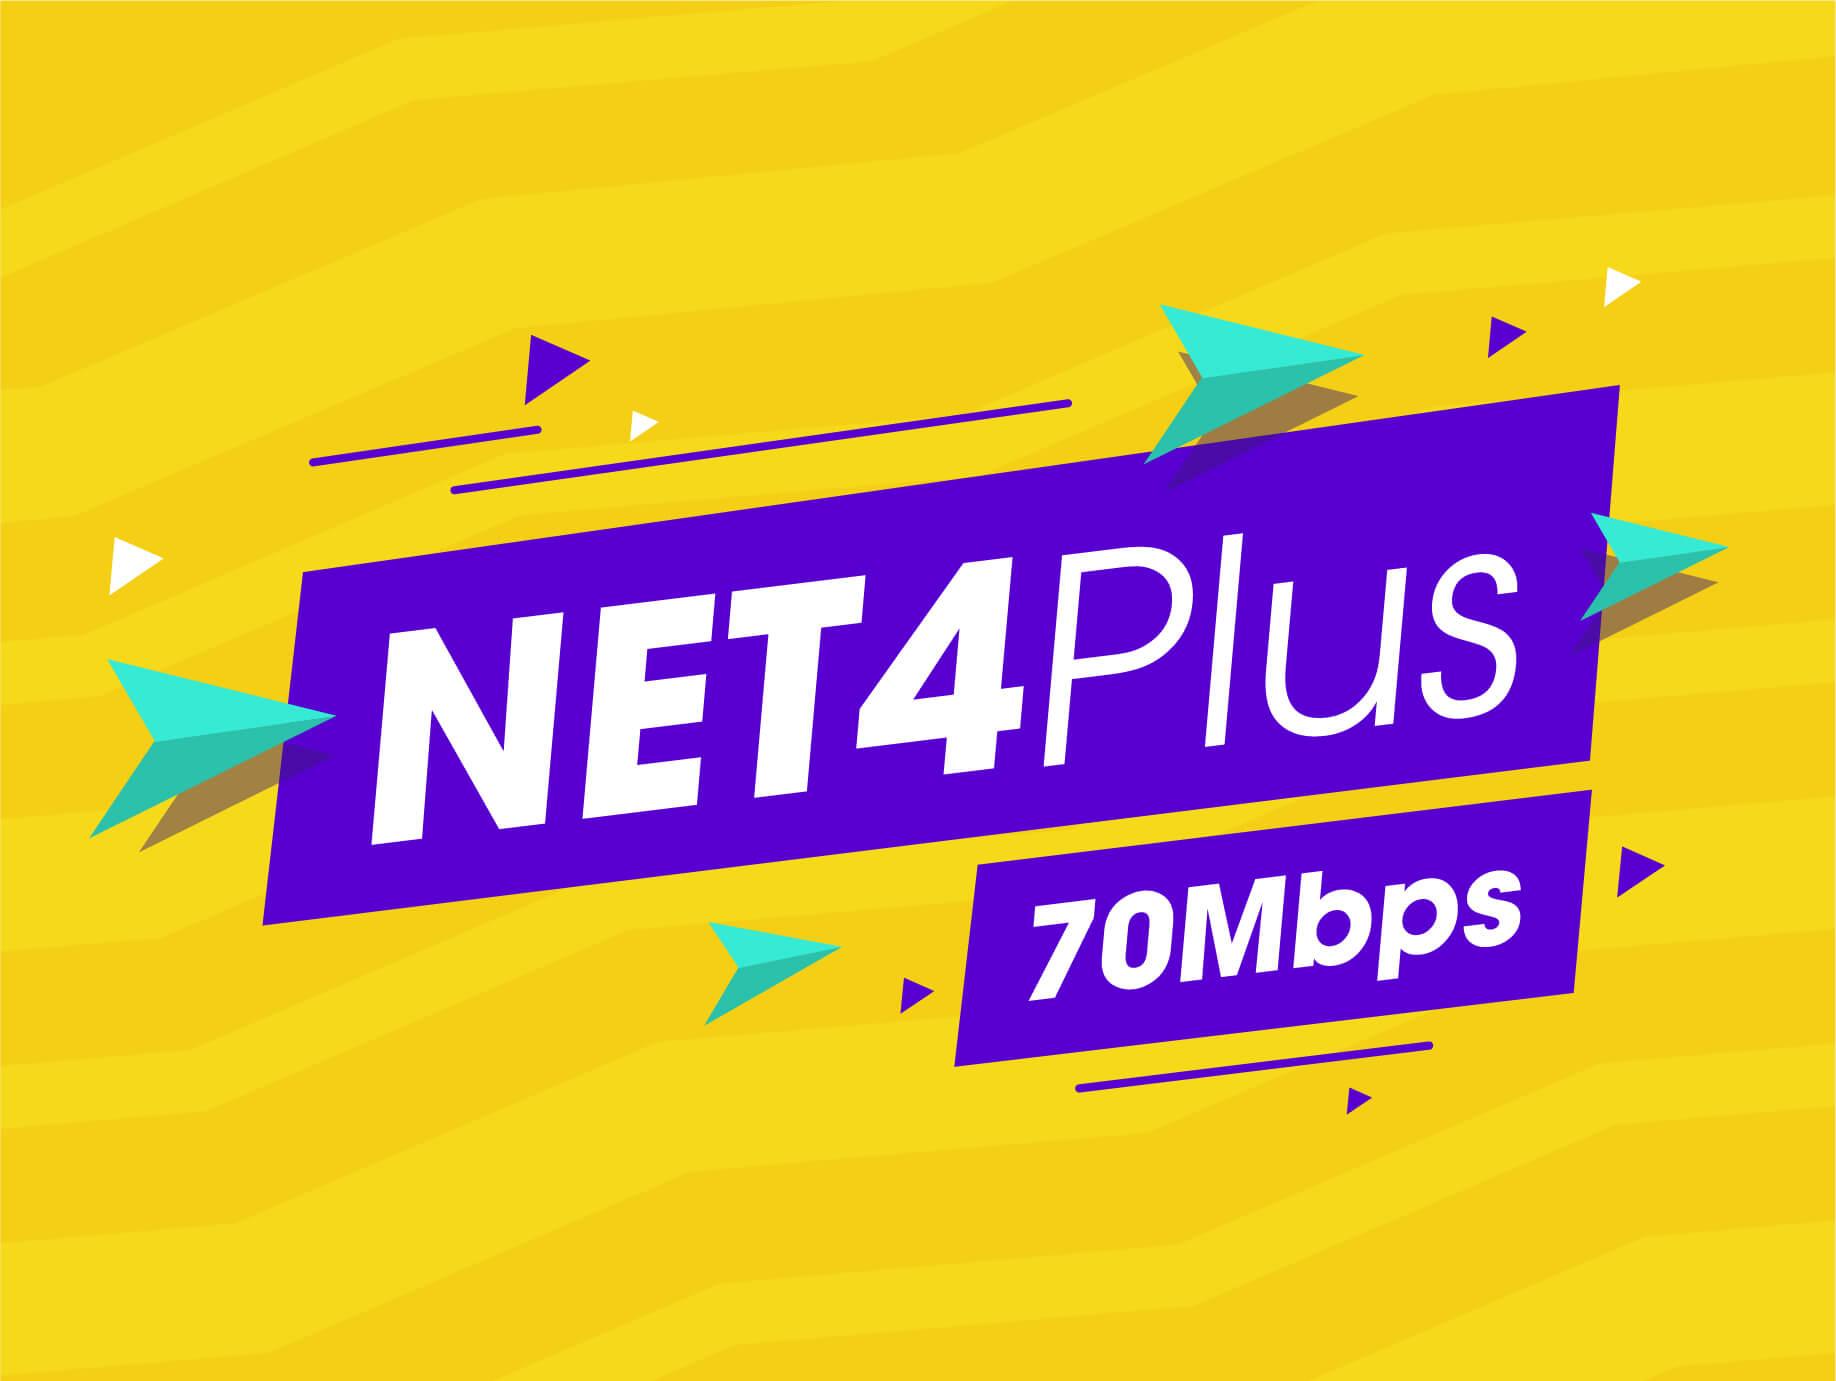 internet cáp quang Viettel NET 4 PLUS